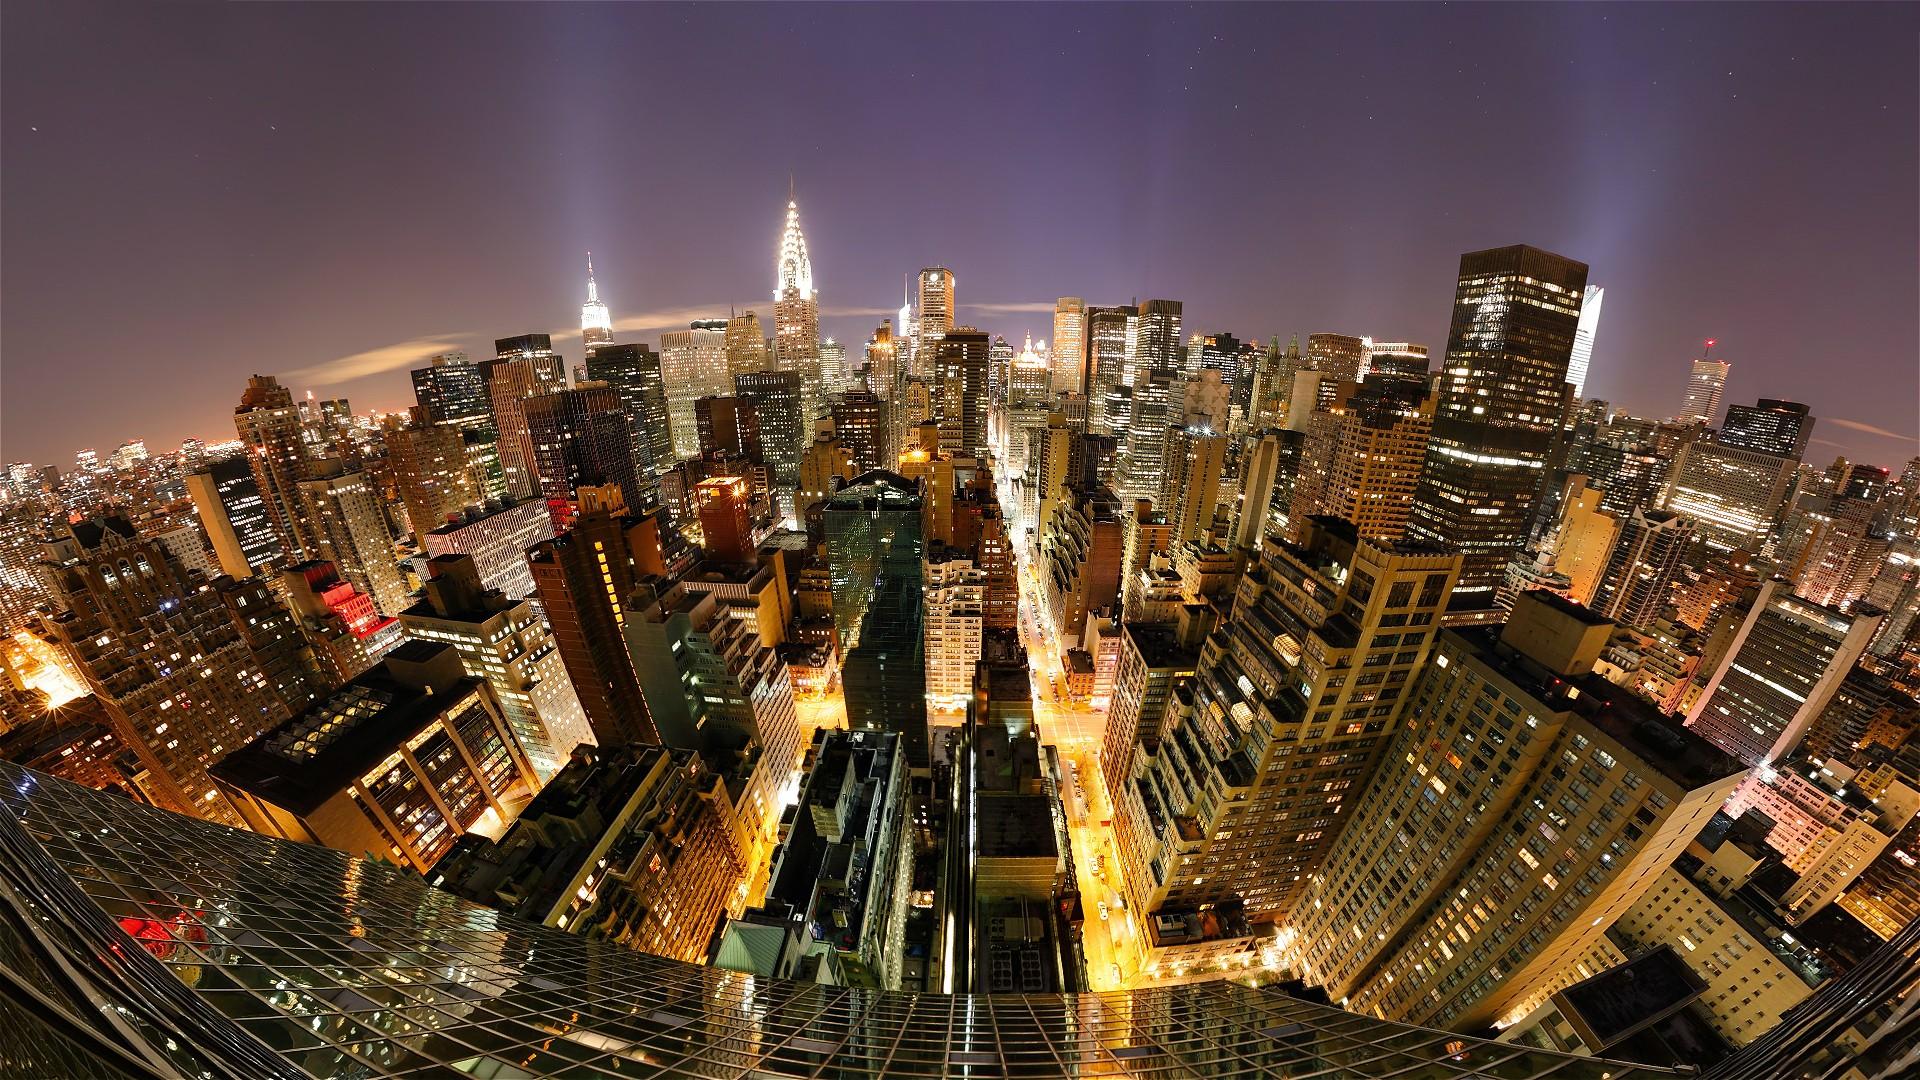 New York City Desktop Wallpaper Widescreen 1920x1080